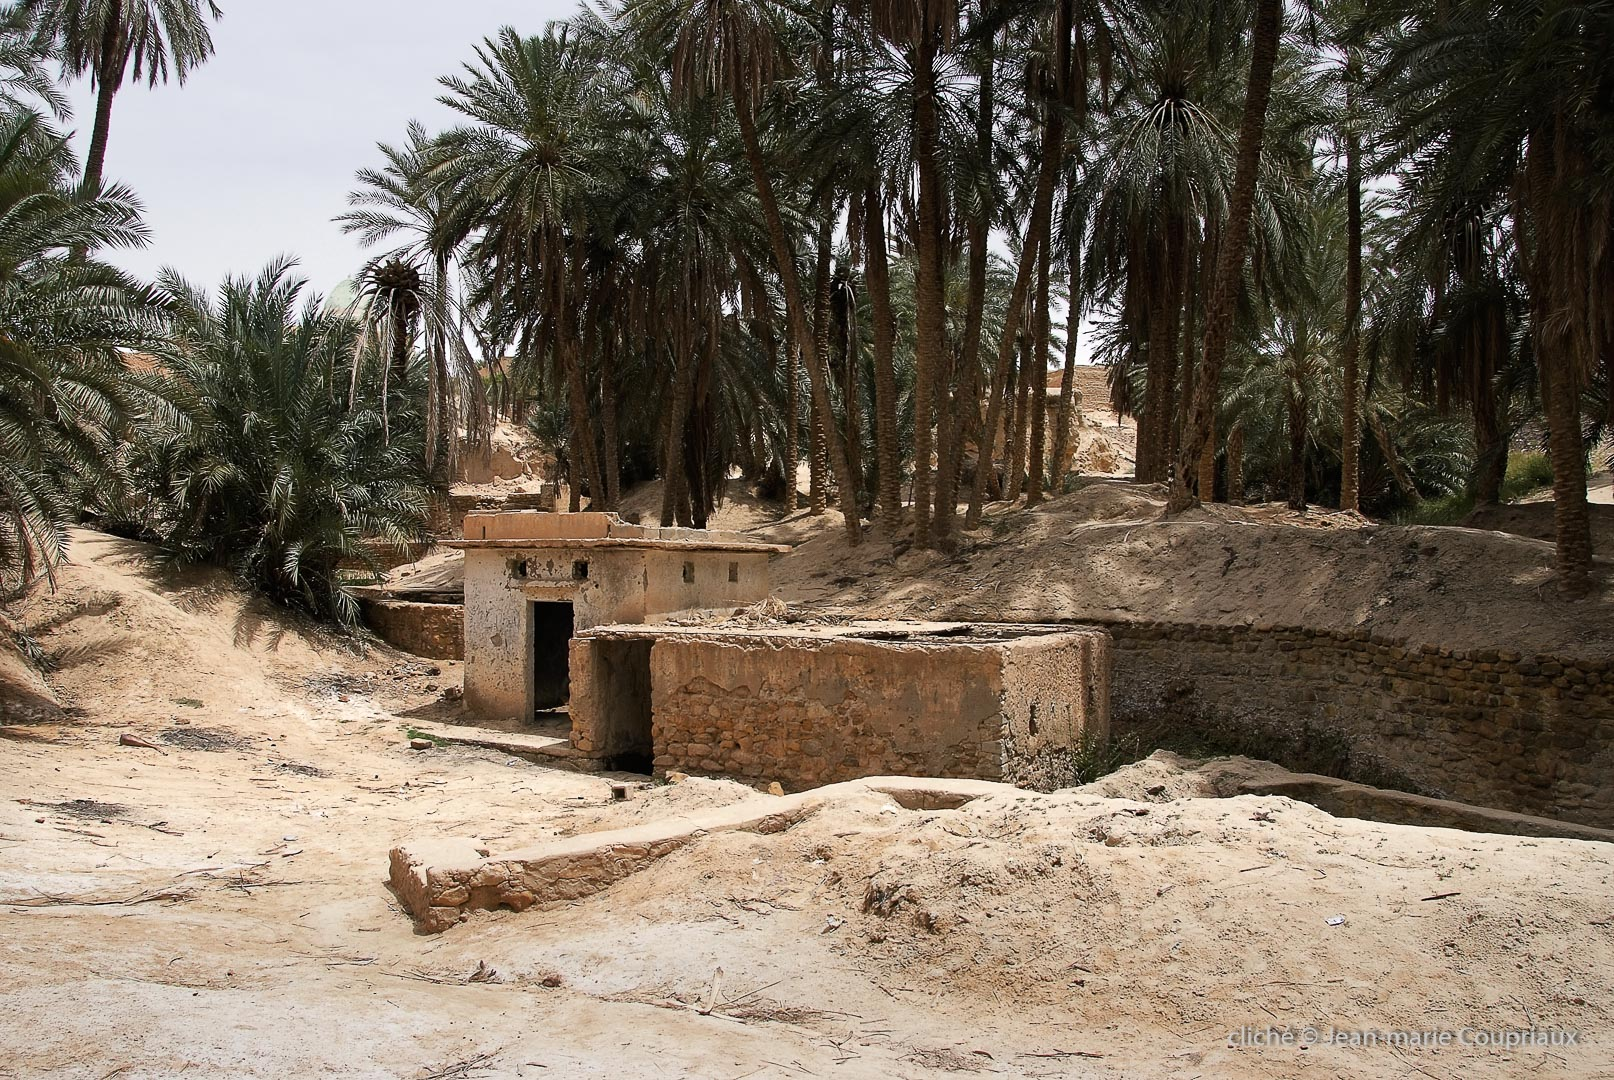 802-2011_Algerie-754